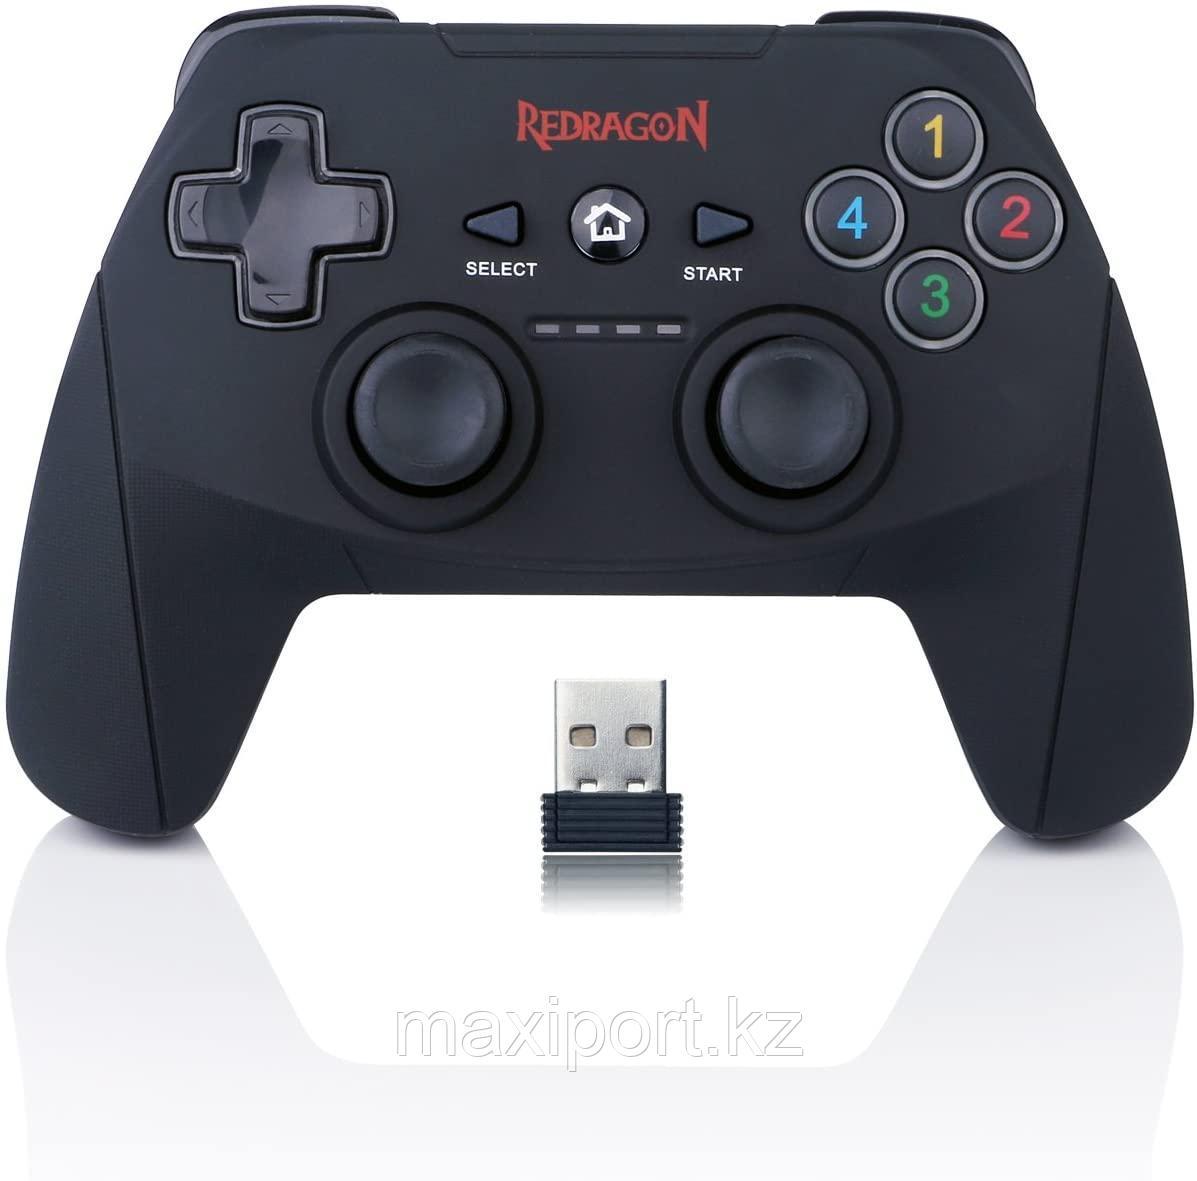 Reddragon Harrow беспроводной геймпад джойстик для ПК и PS3 (не требует настройки)